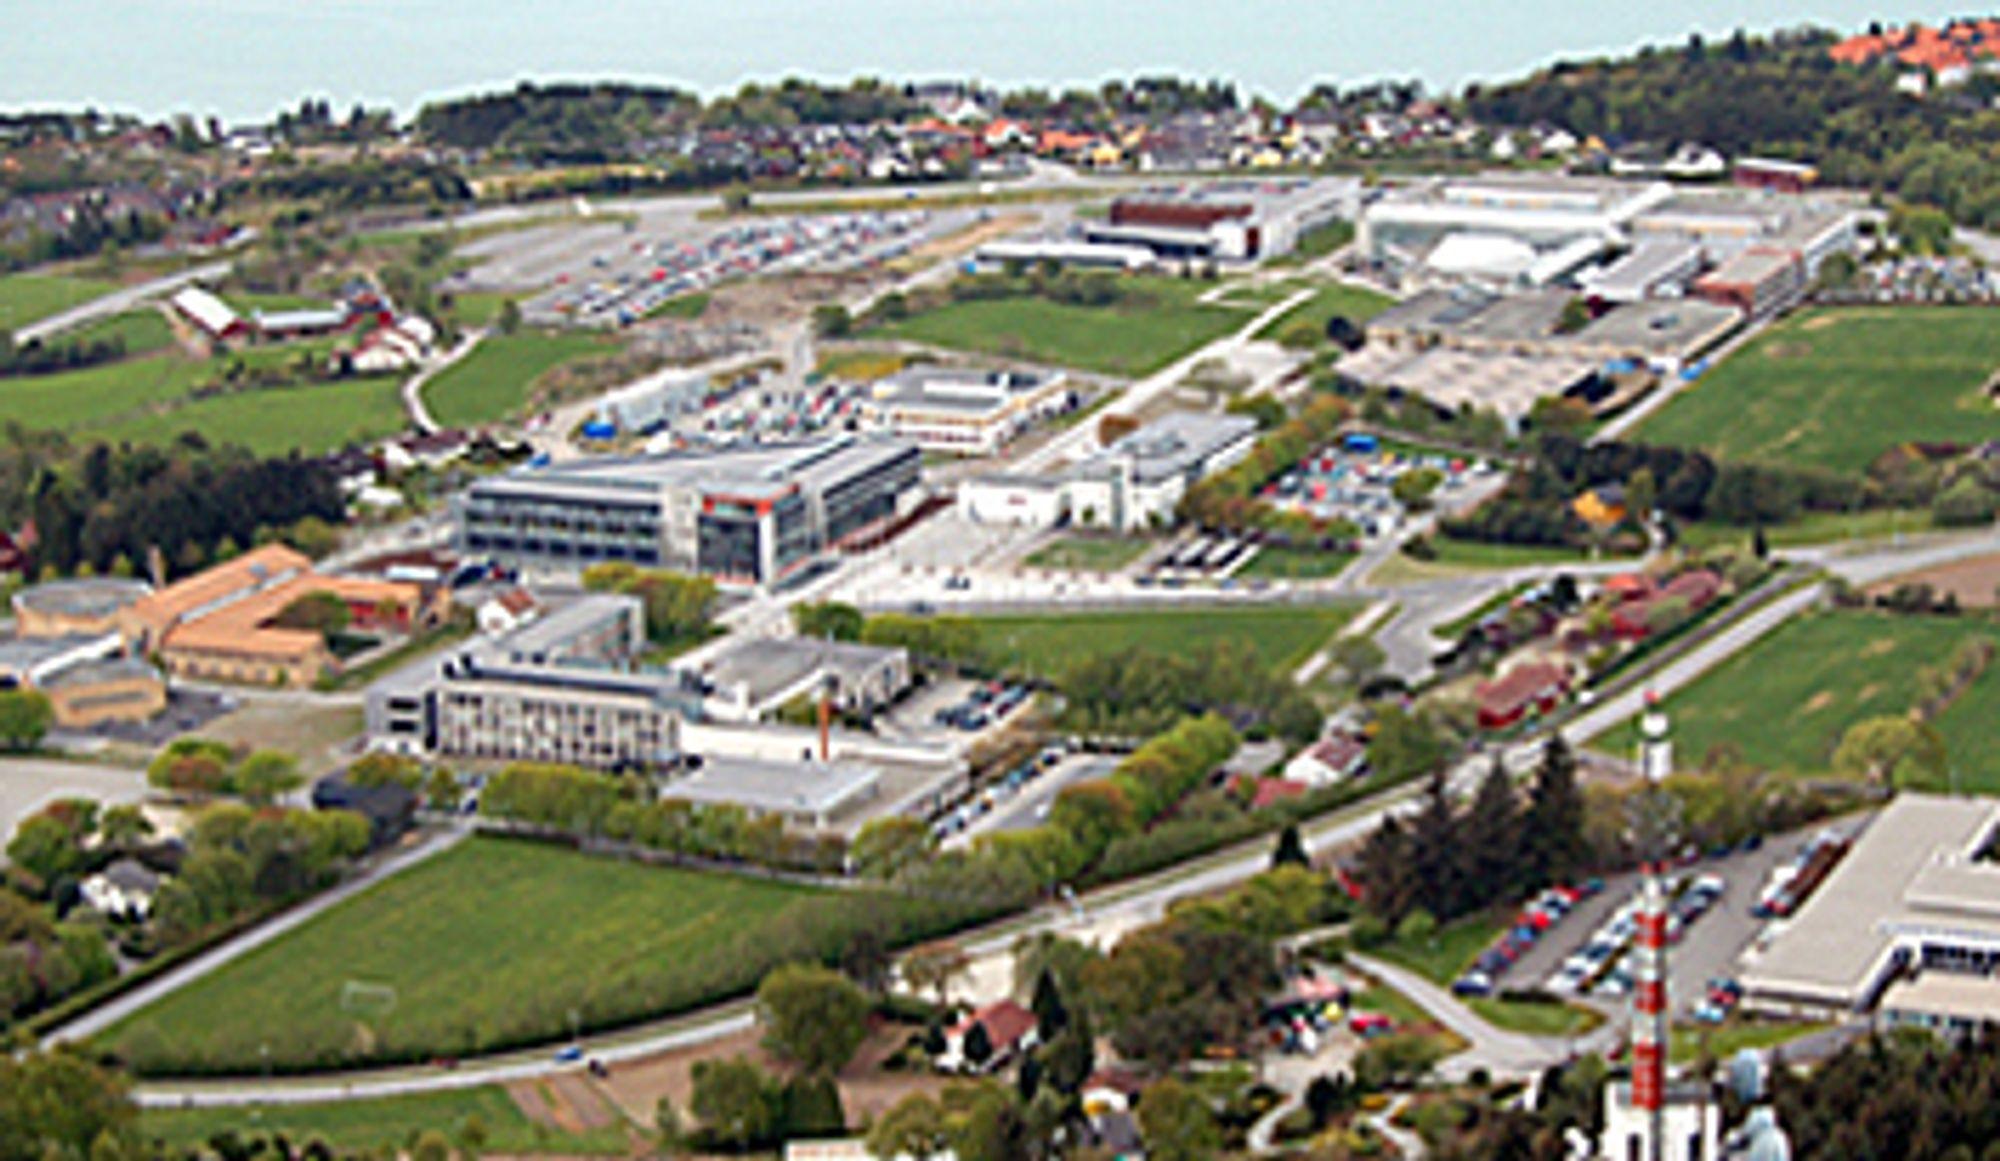 Universitetet i Stavanger. Realfag. Teknologi. Teknologiske fag. Siving. Studier. Studenter. Utdanning. Arbeidsliv. Lønn. Karriere. Jobb.